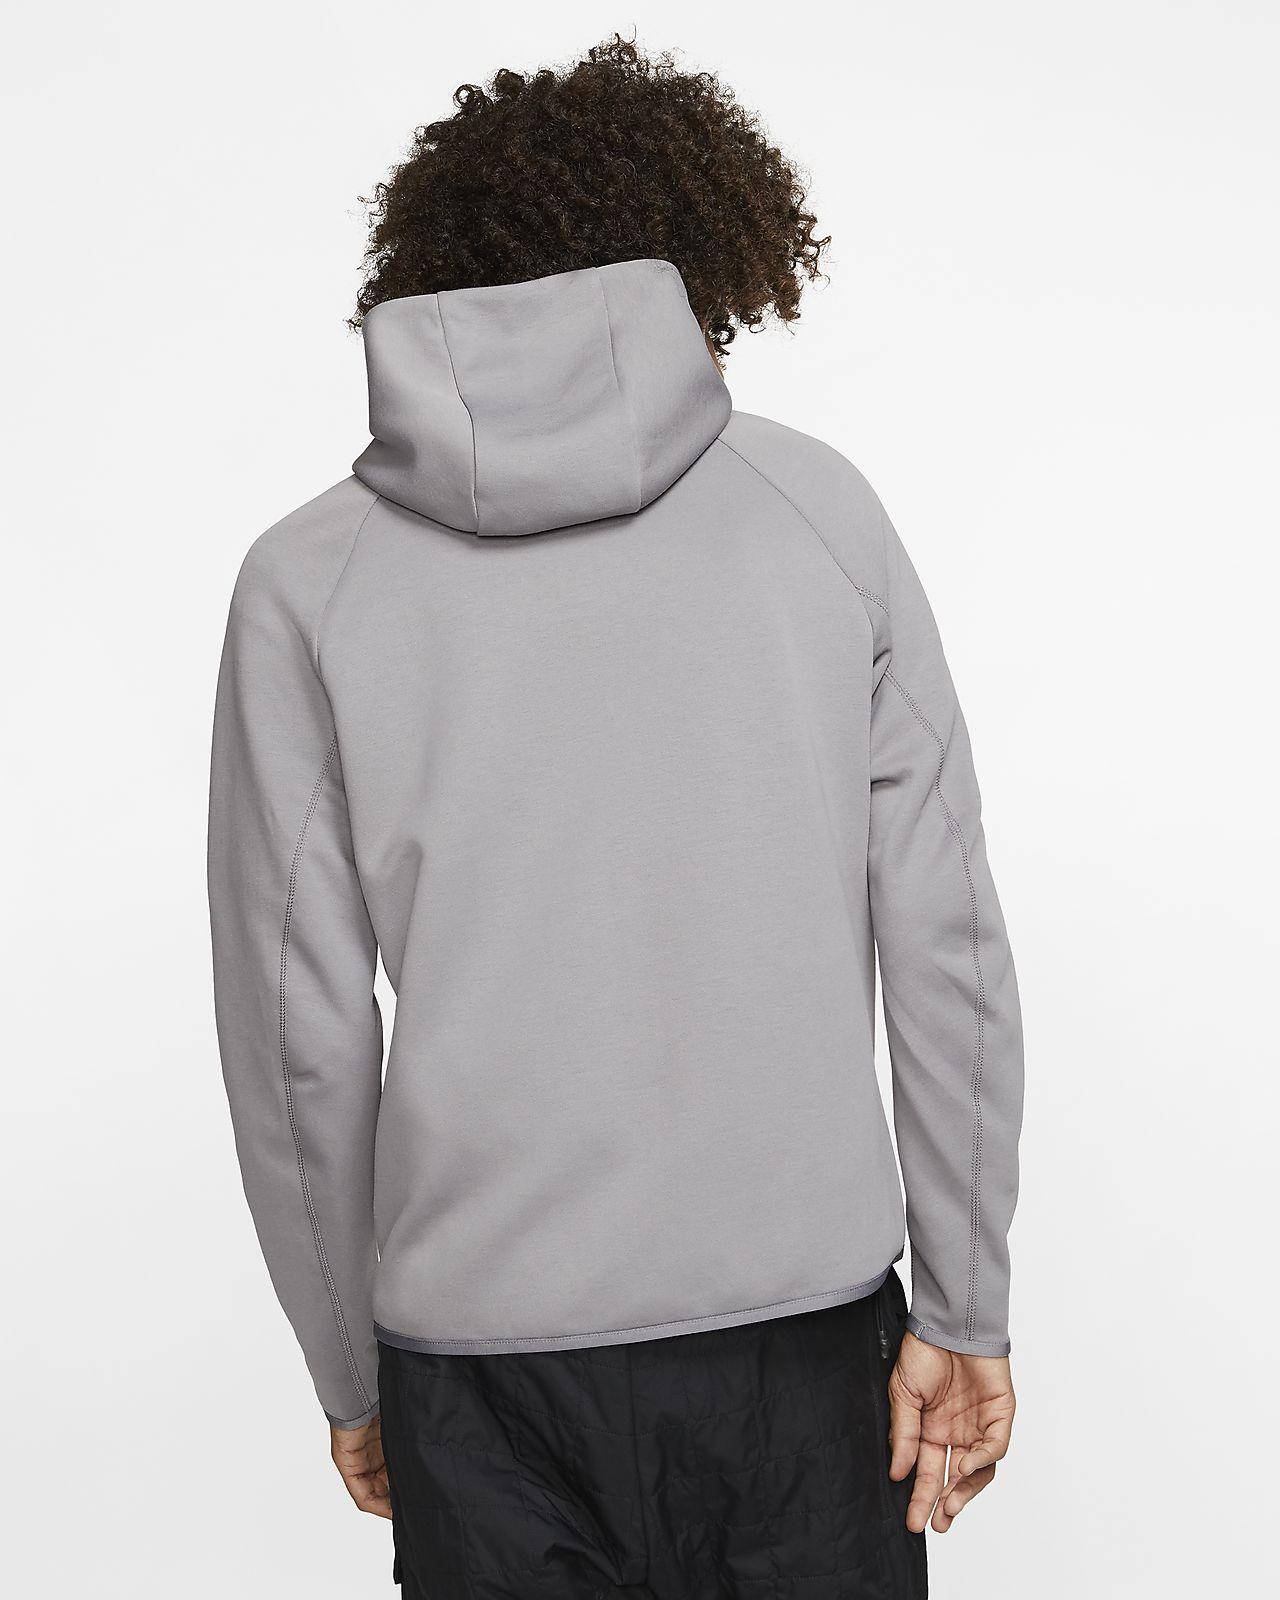 vendite speciali Nuovi Prodotti nuovo arriva Felpa con cappuccio e zip a tutta lunghezza Nike Sportswear Tech Fleece -  Uomo